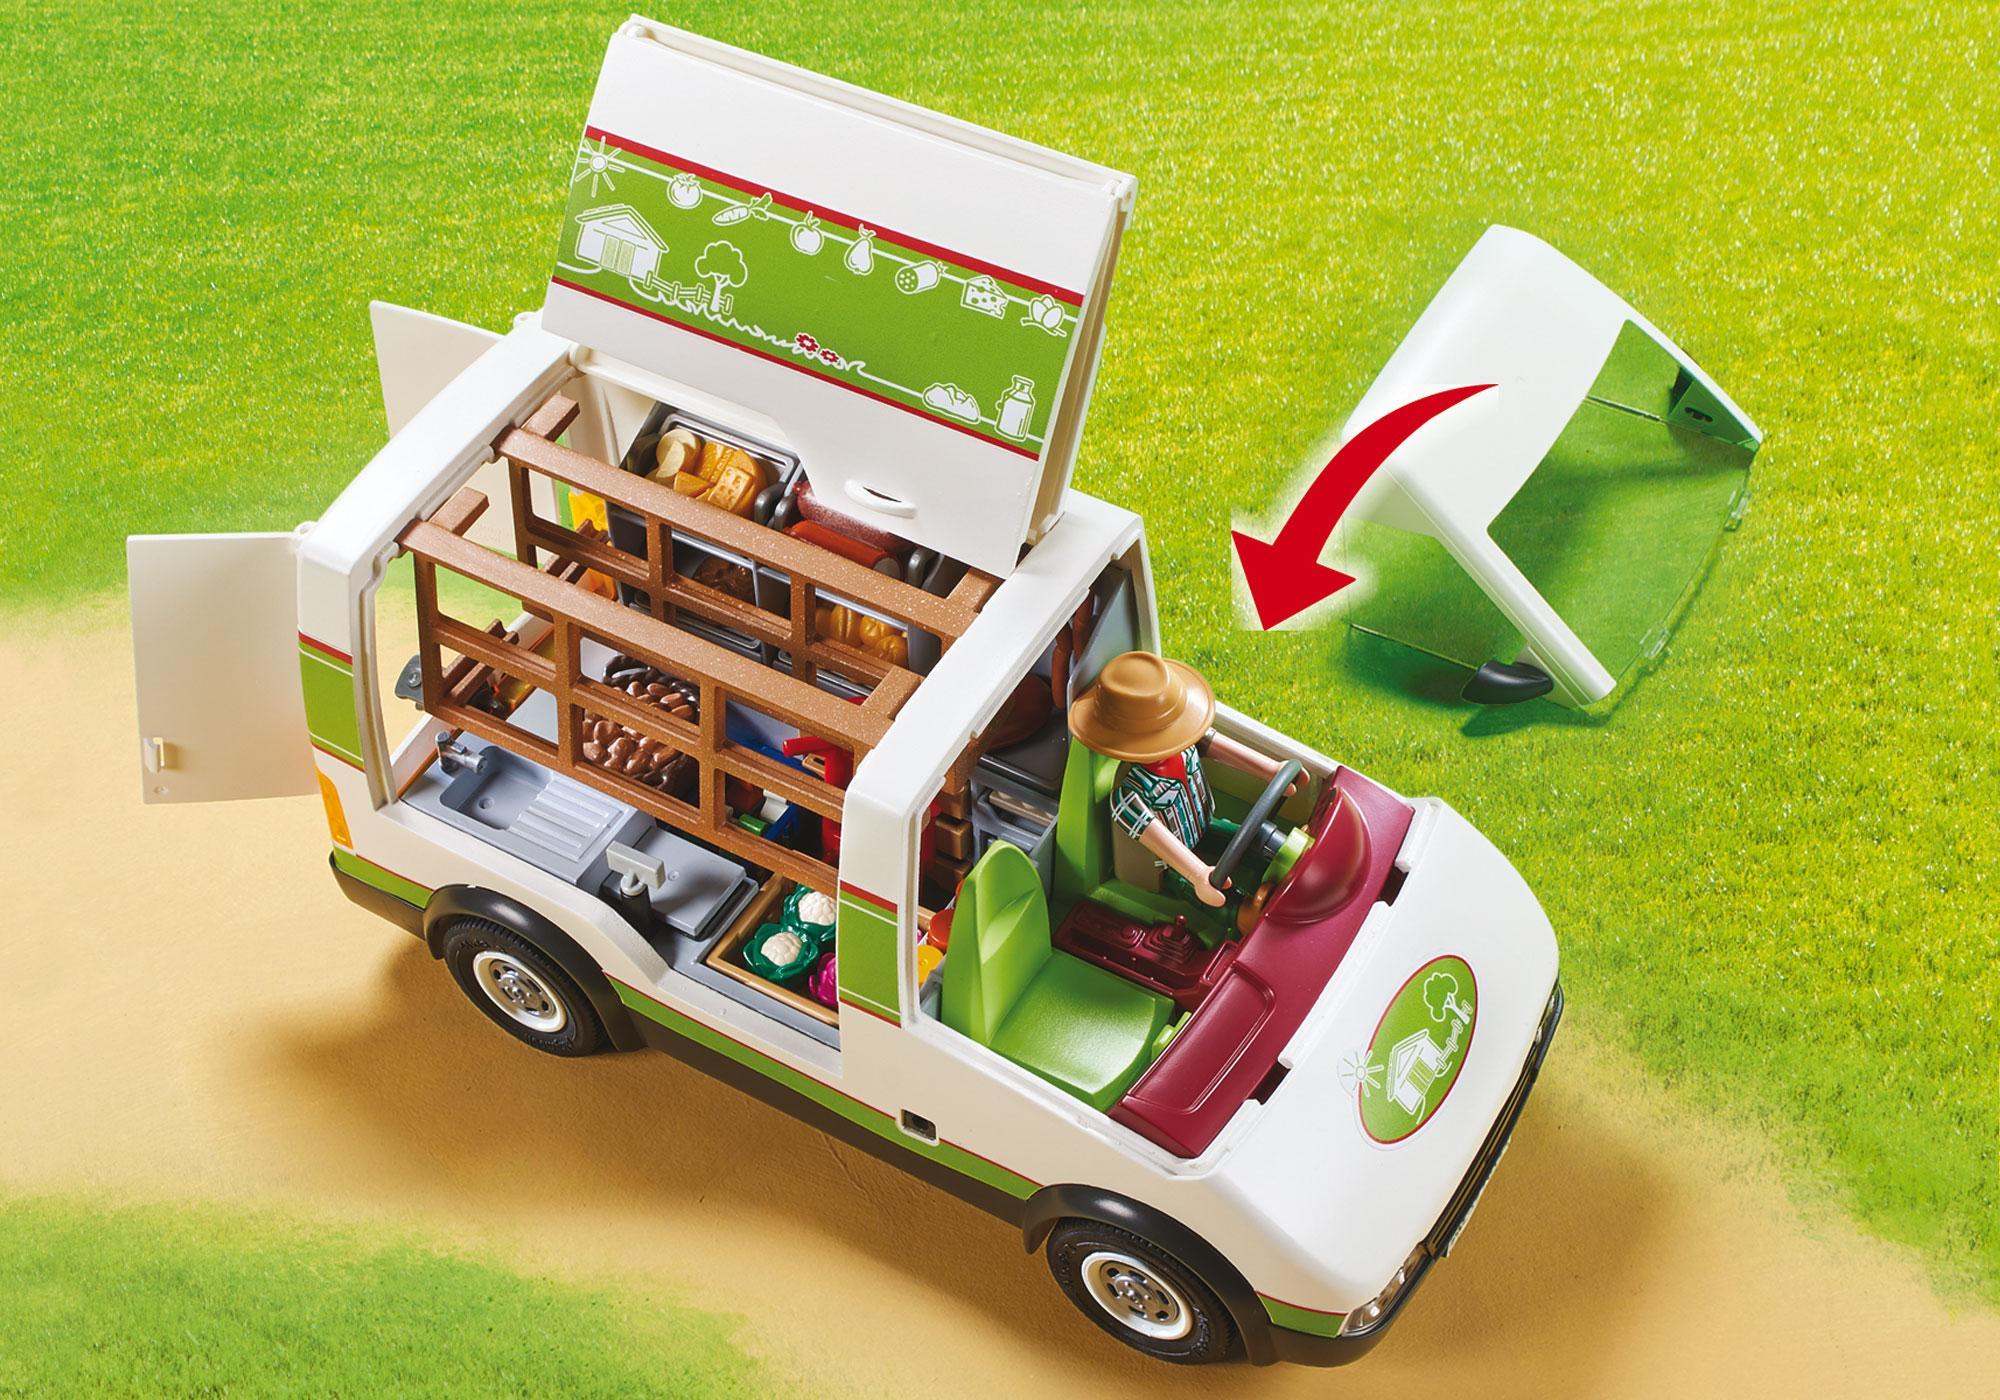 http://media.playmobil.com/i/playmobil/70134_product_extra2/Mobilt marknadsstånd